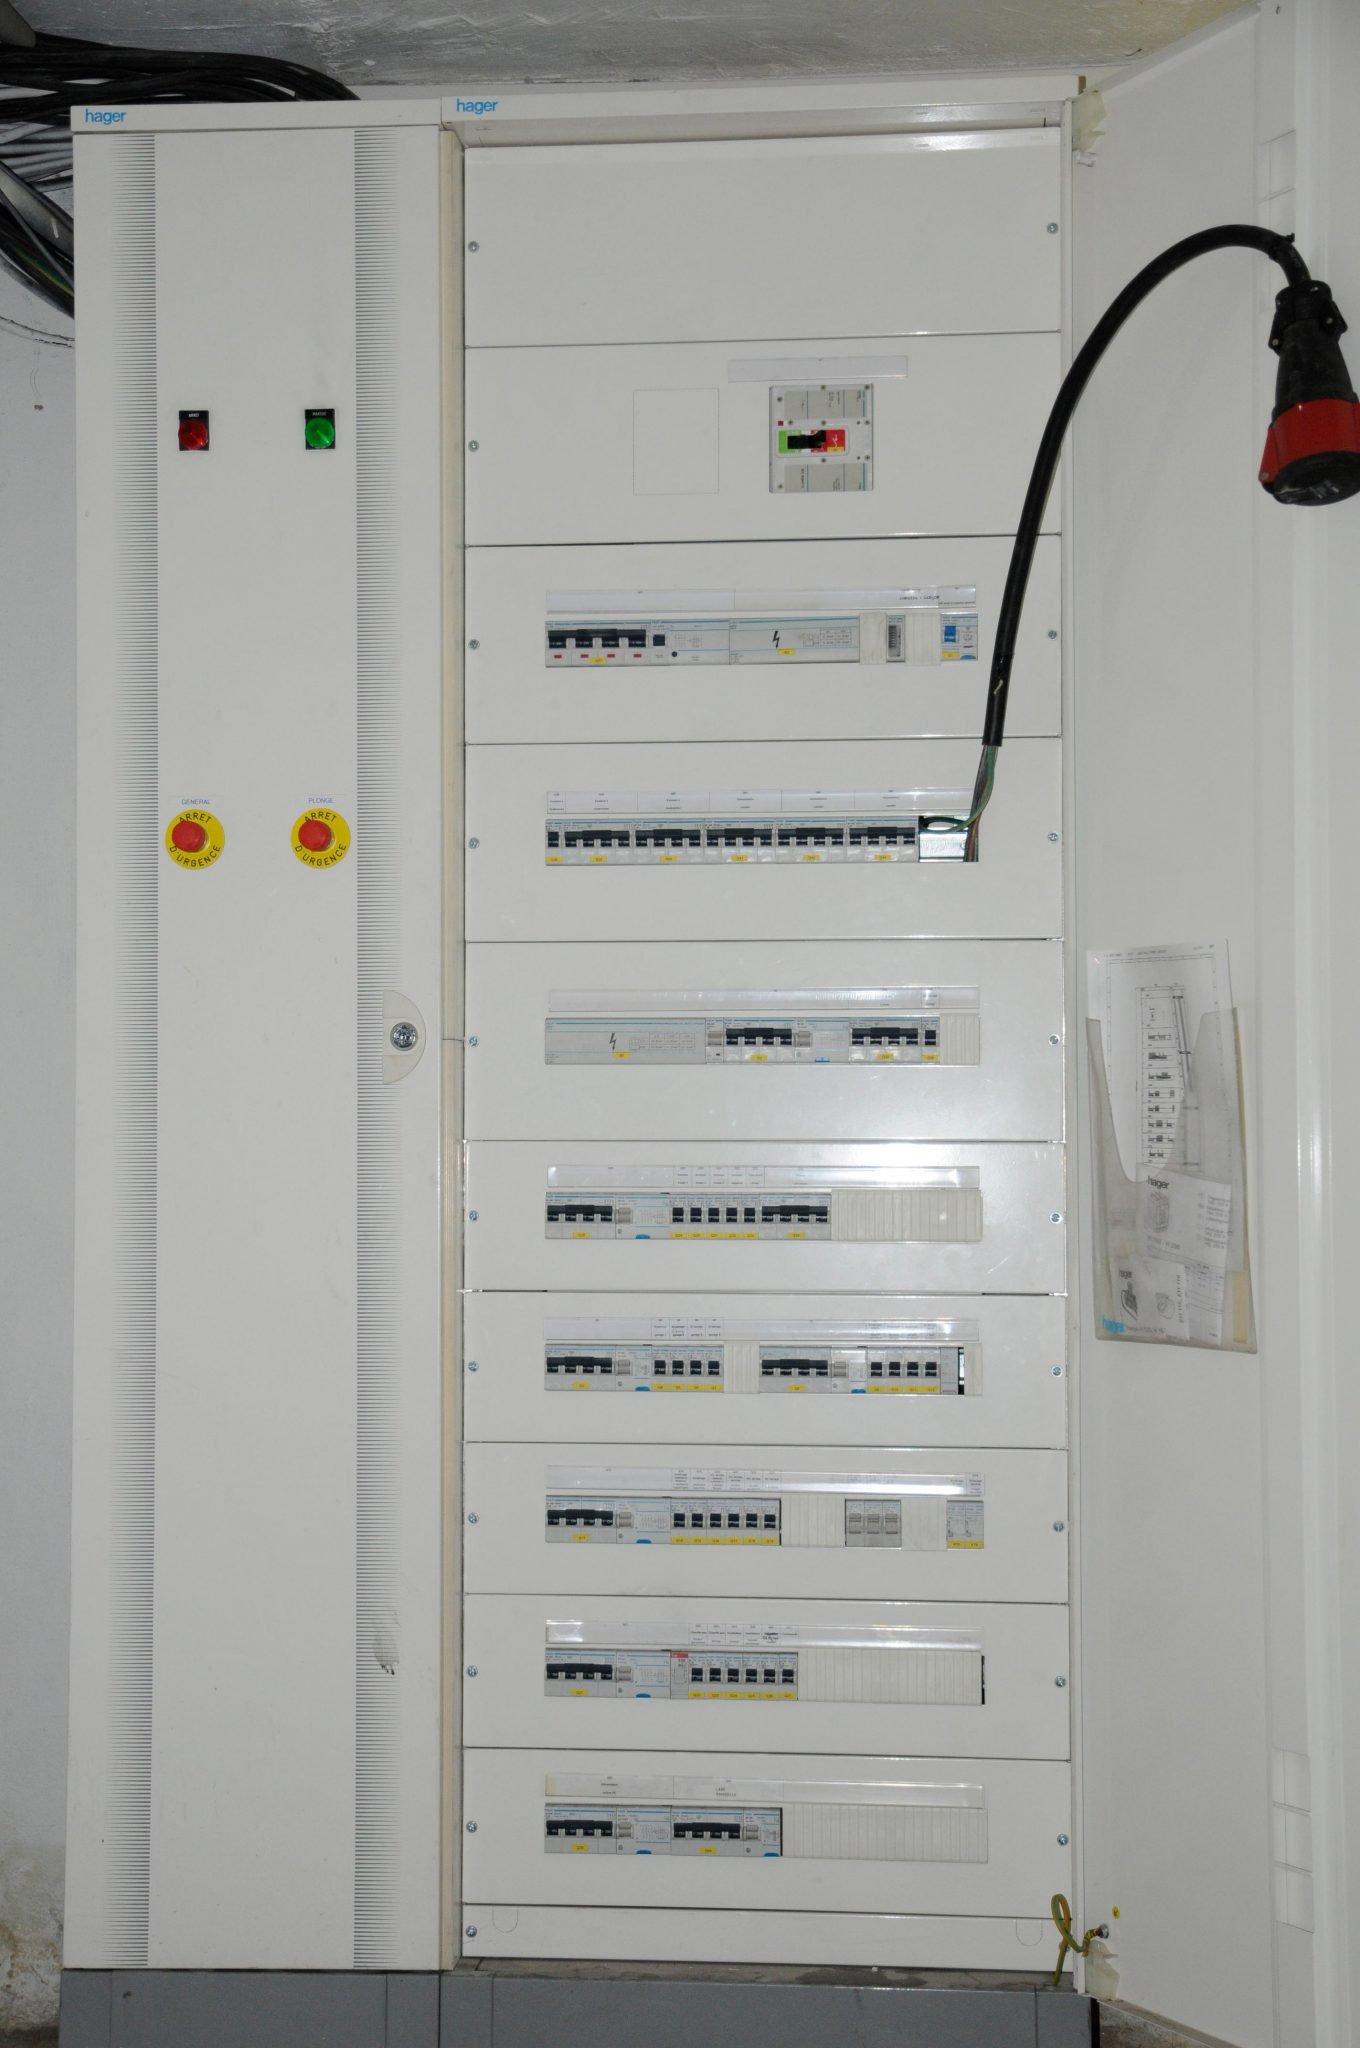 coffret electrique modif - Activités